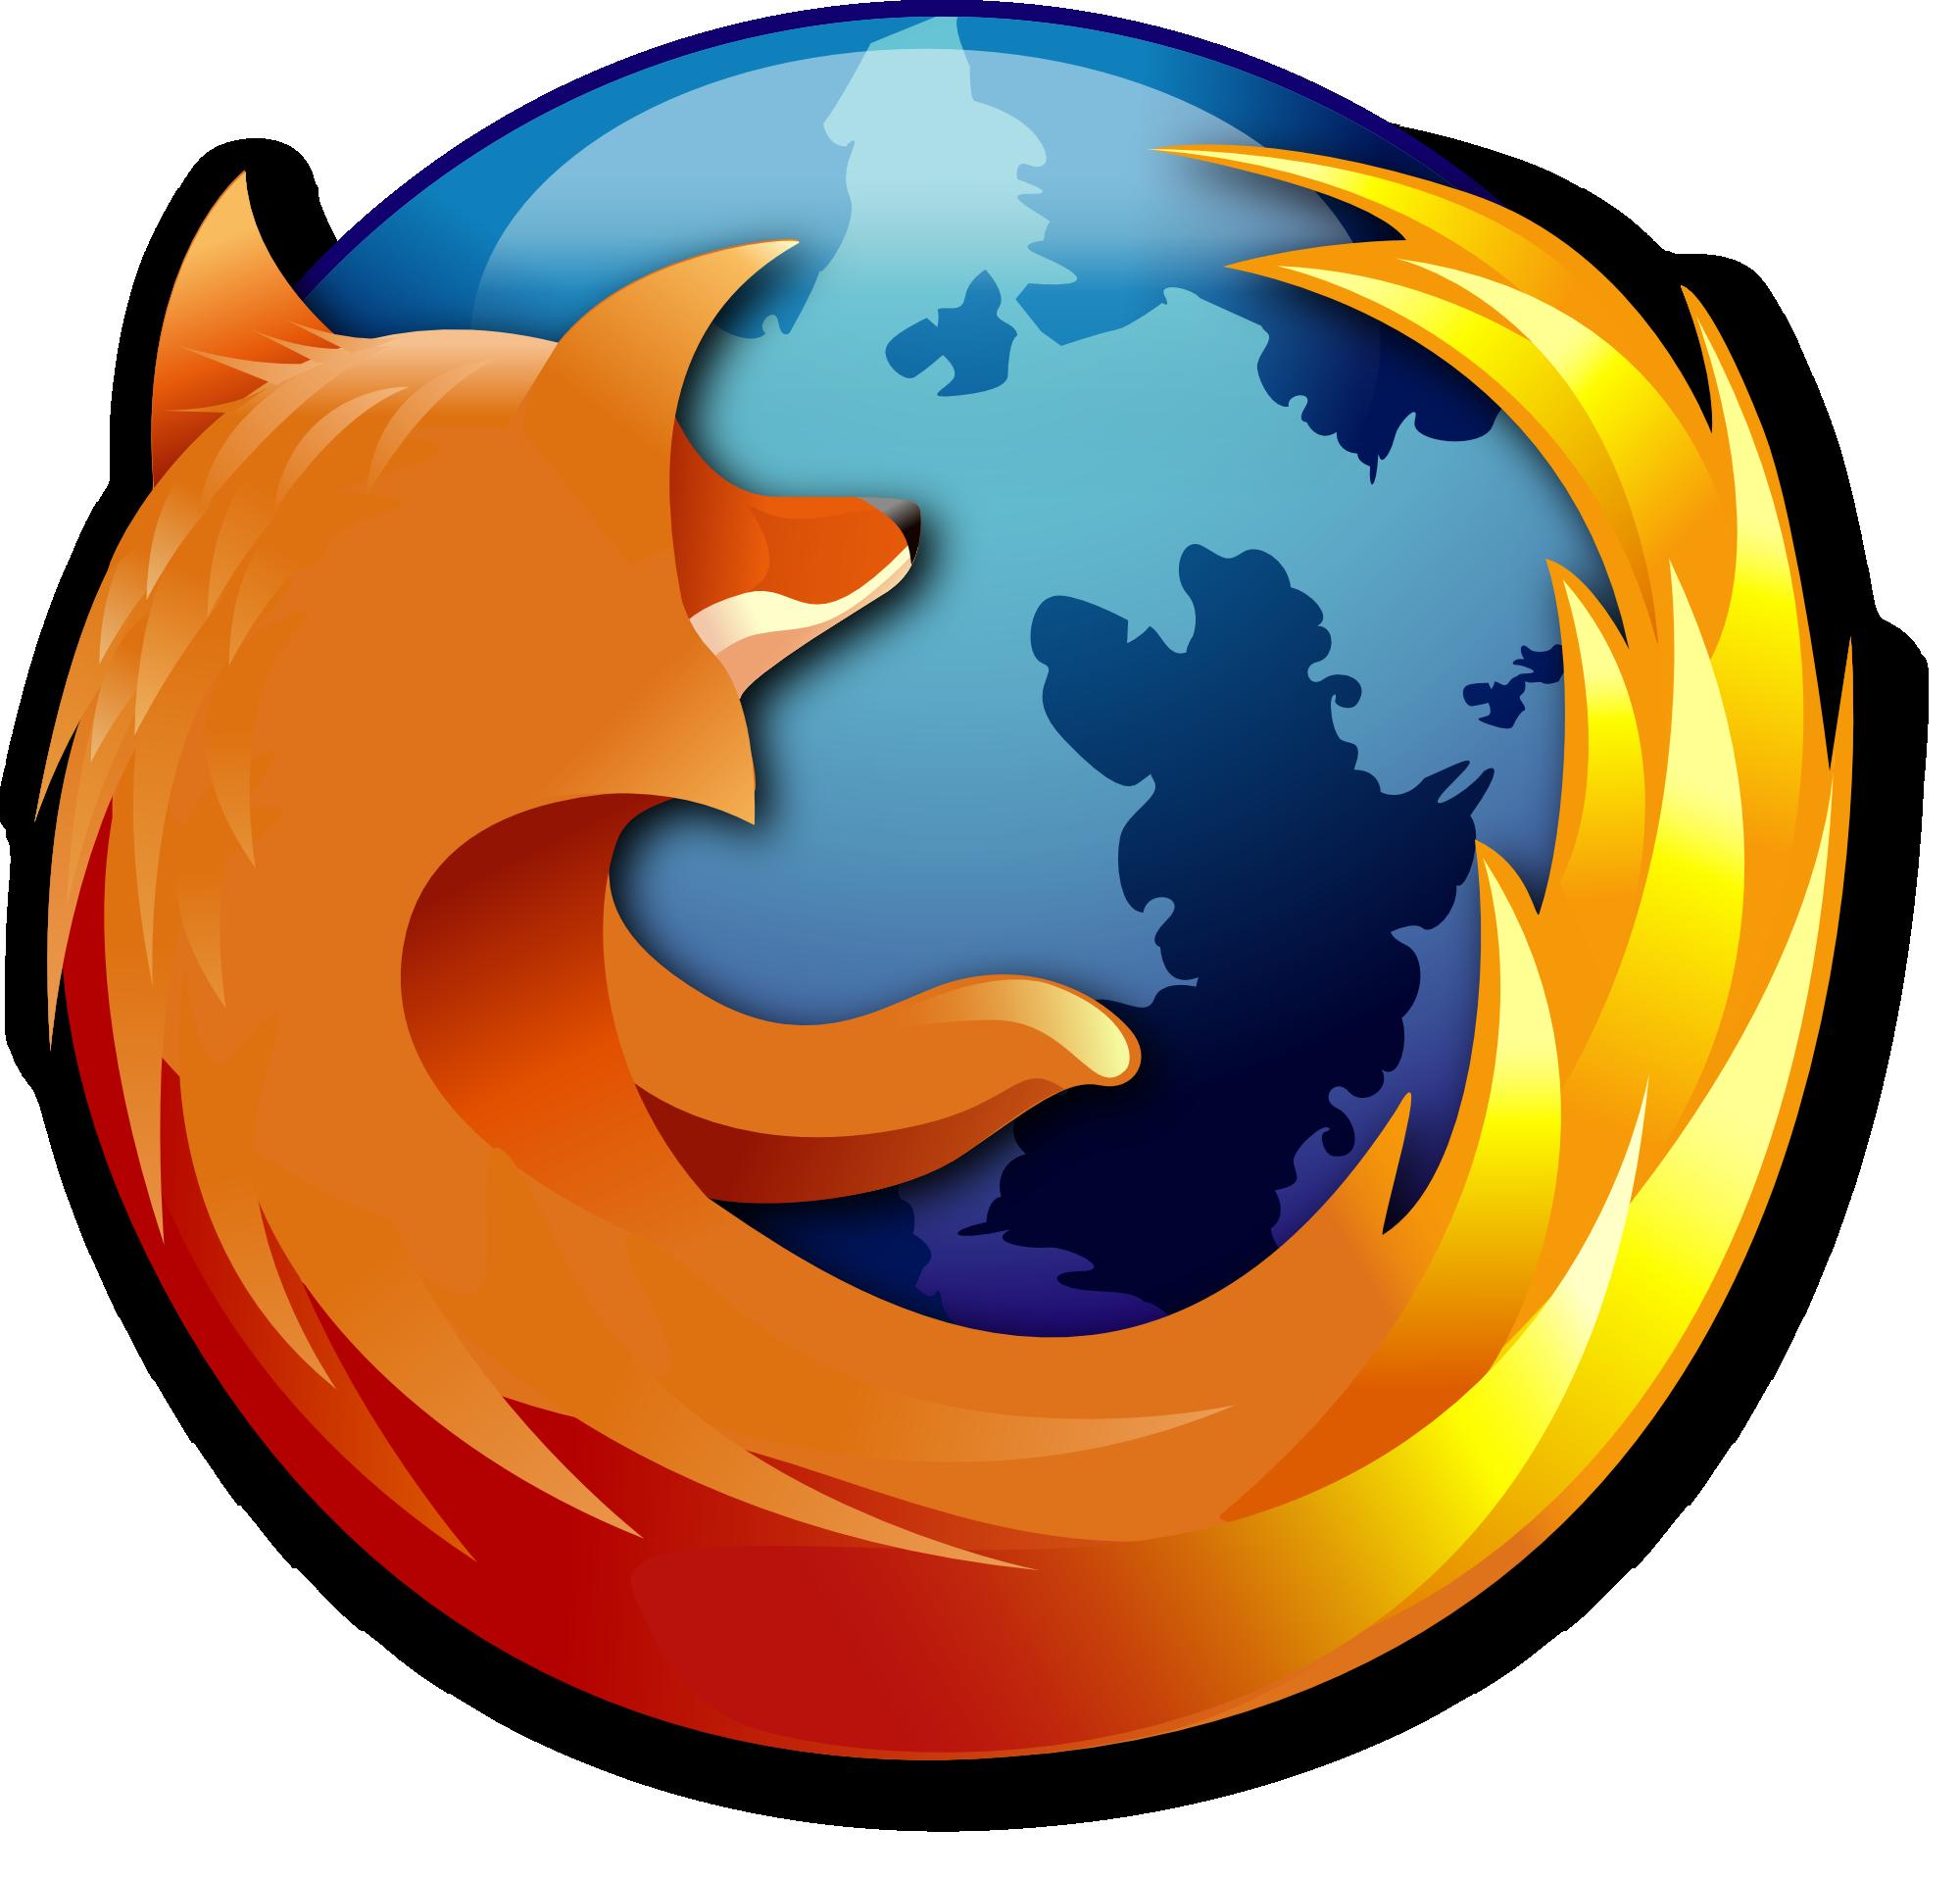 A nova versão do Firefox terá a opção de proteger mais os usuários de cookies de terceiros (Foto: Divulgação/ Mozilla Firefox)